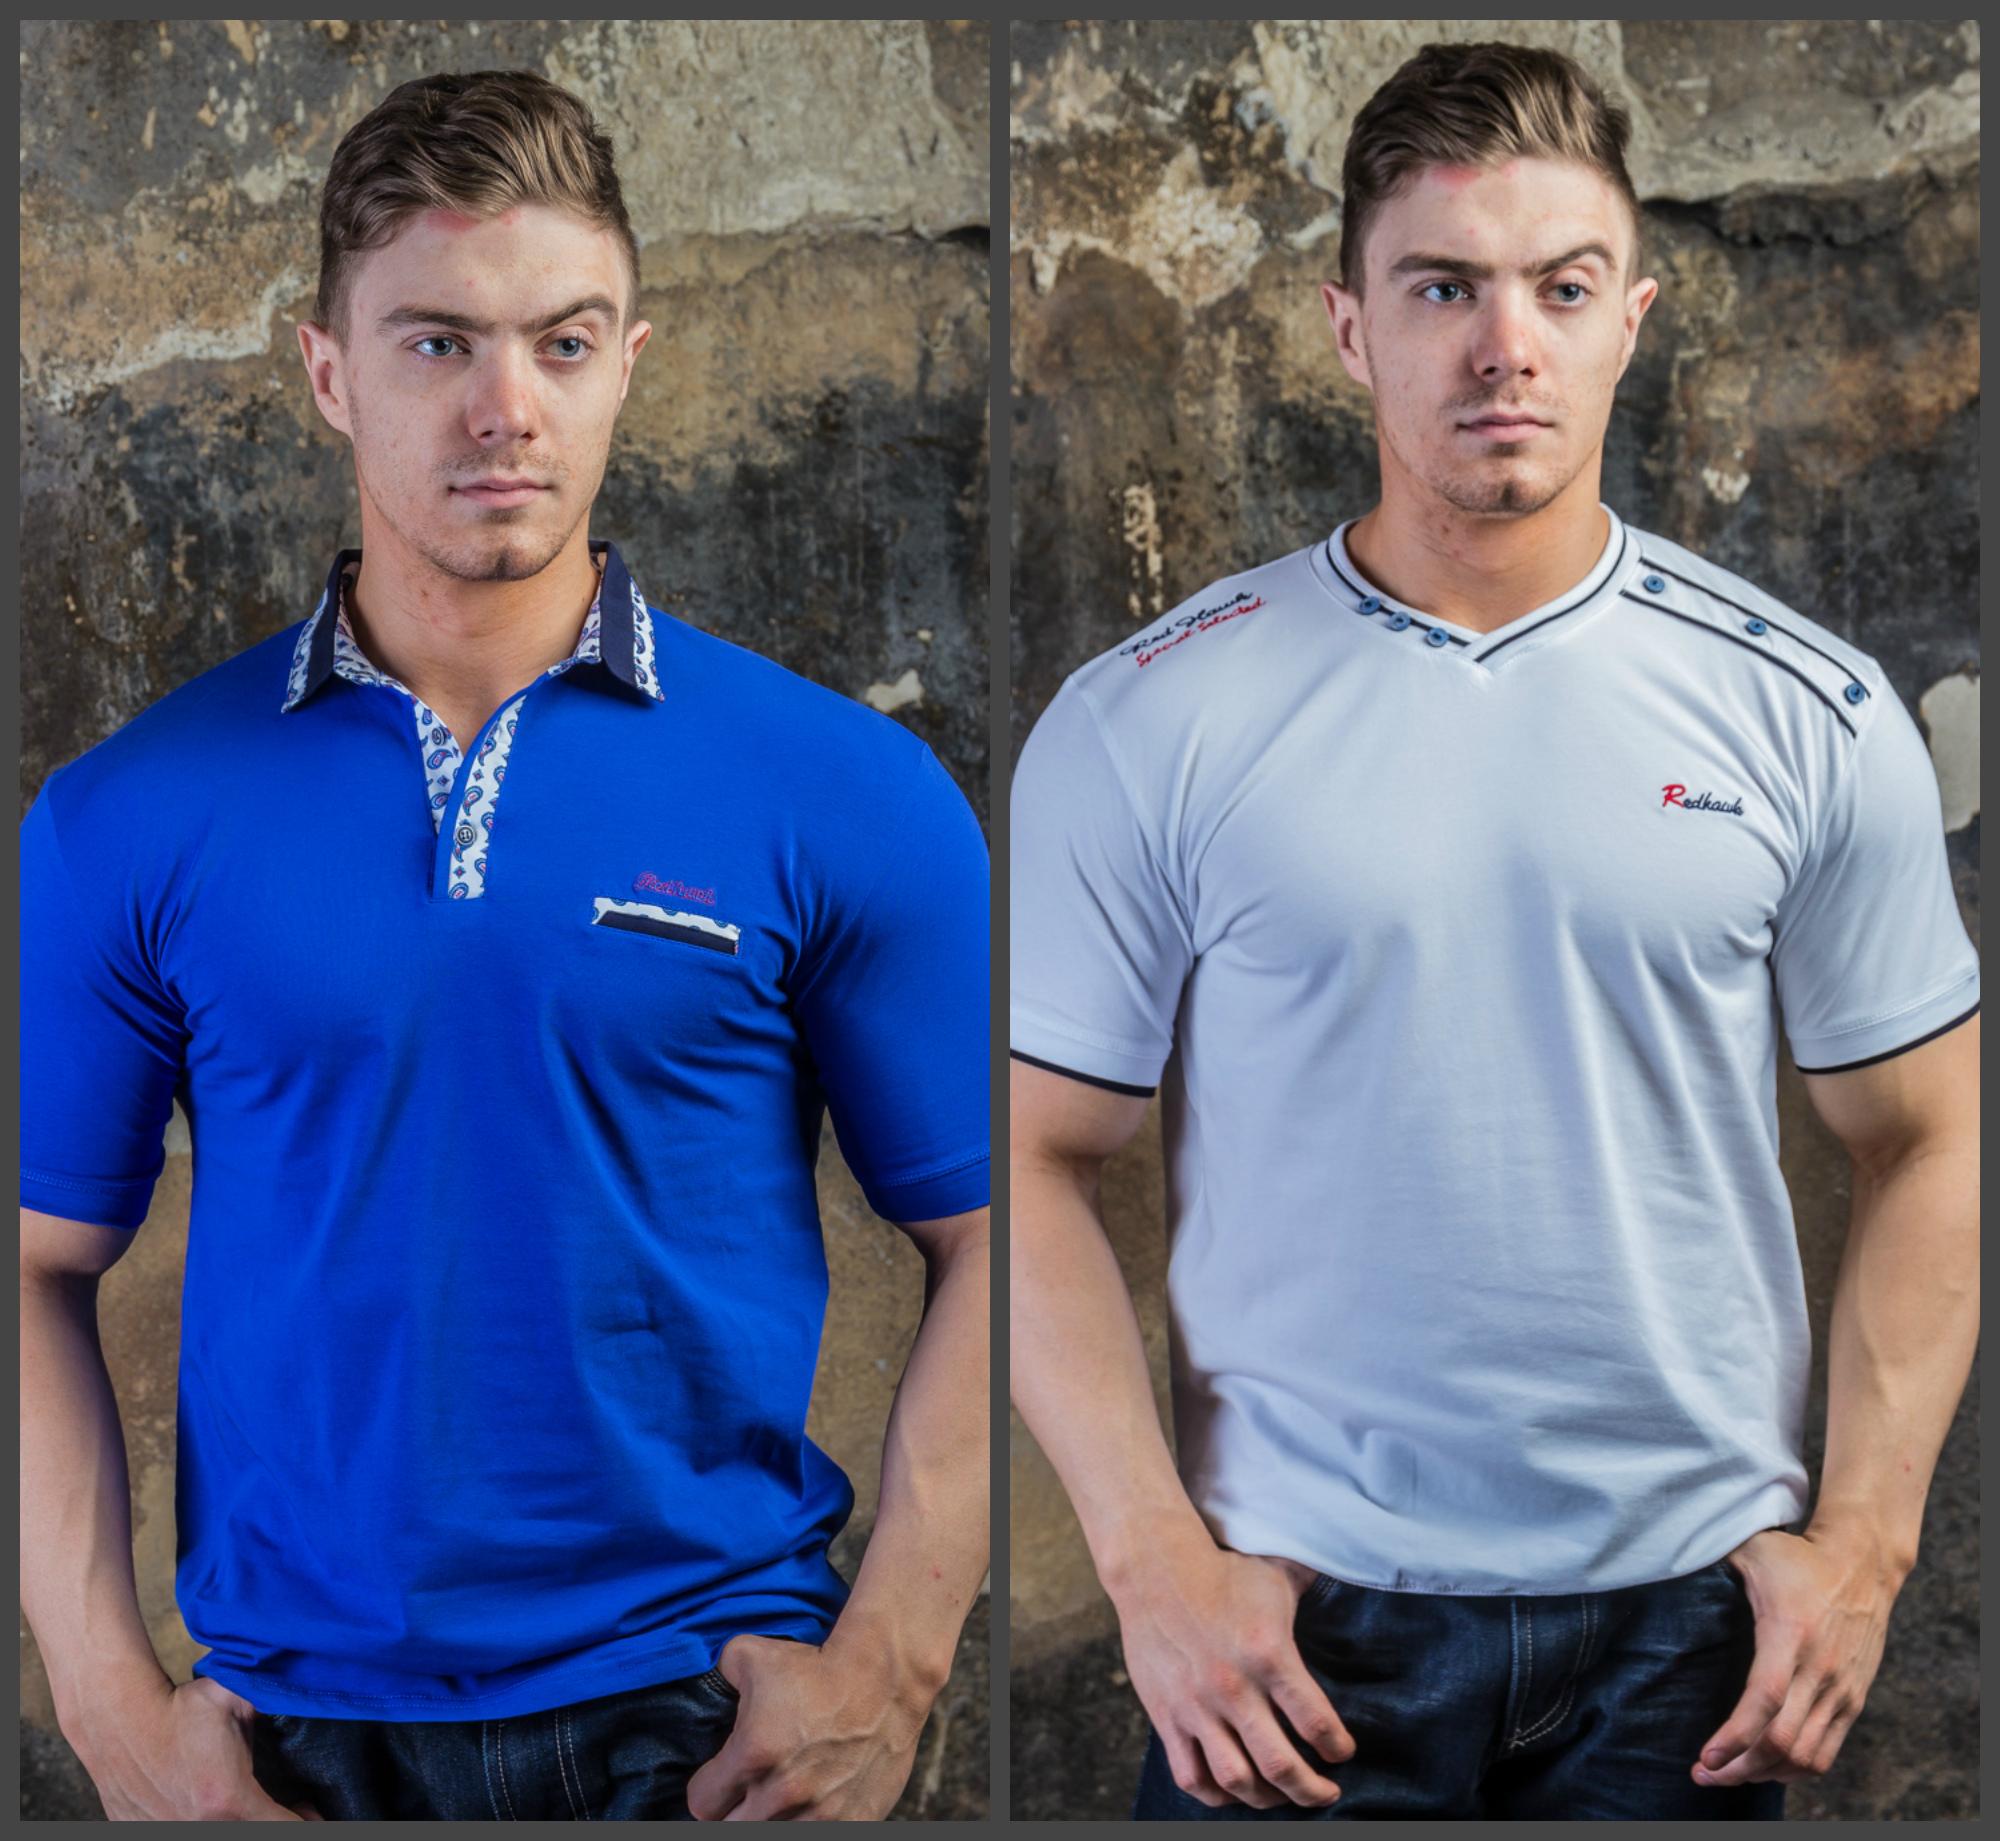 РАСПРОДАЖА! Мужские футболки (хлопок, Турция) от 300 руб!! СТОП уже сегодня в 23-59!